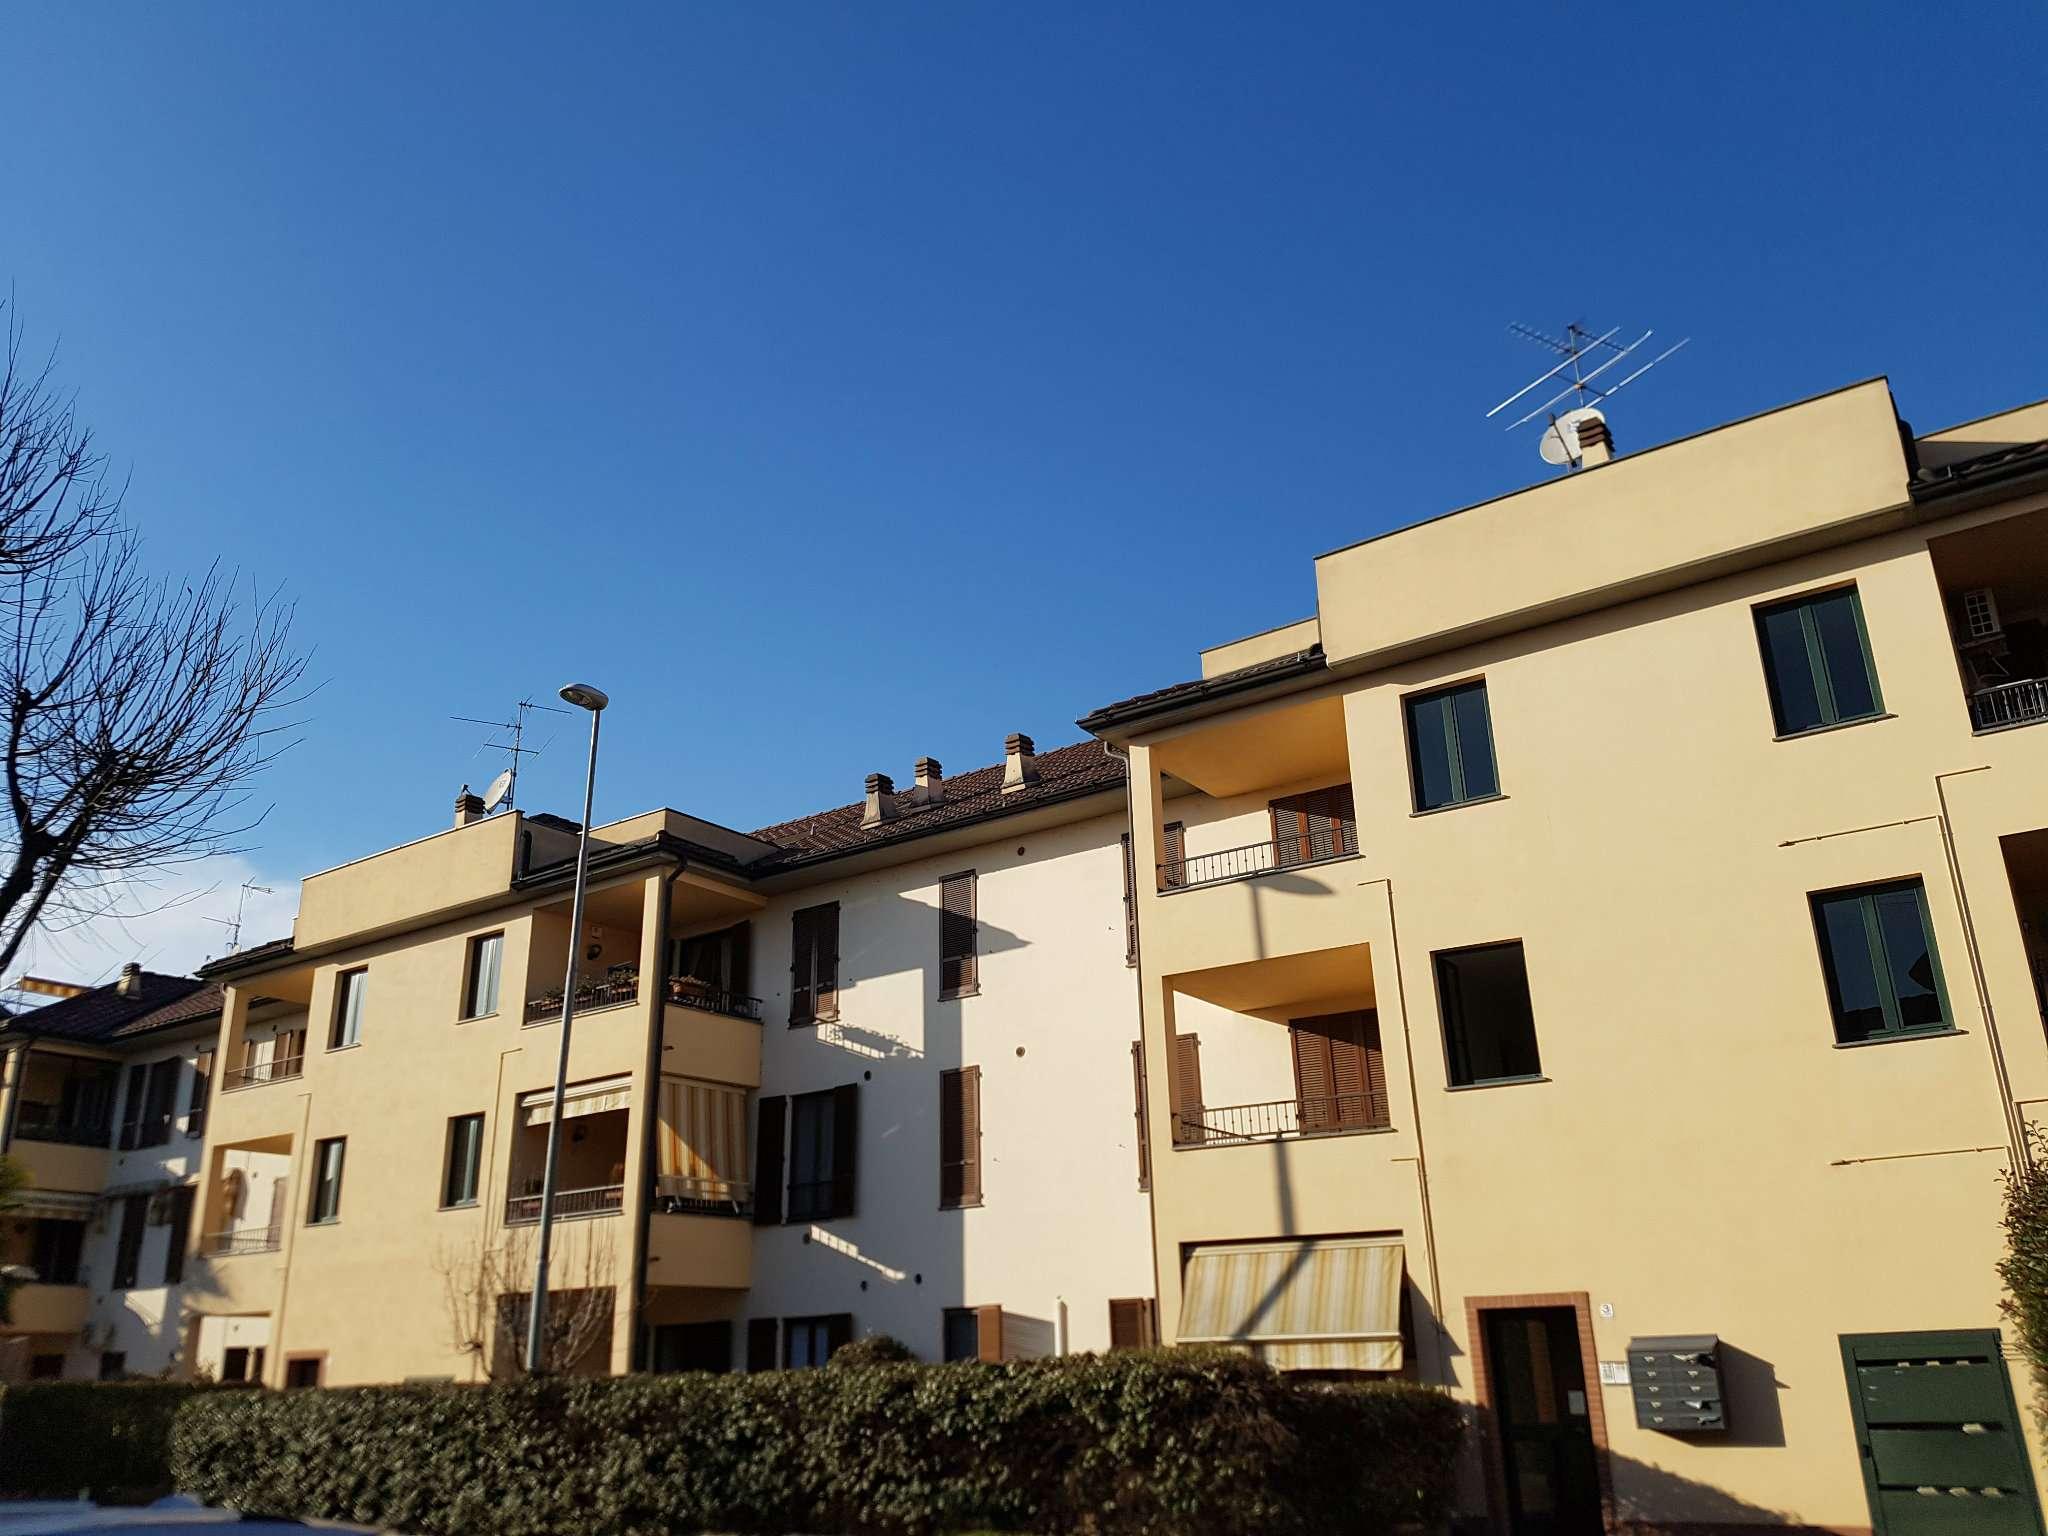 Appartamento in vendita a Zelo Buon Persico, 2 locali, prezzo € 80.000 | CambioCasa.it